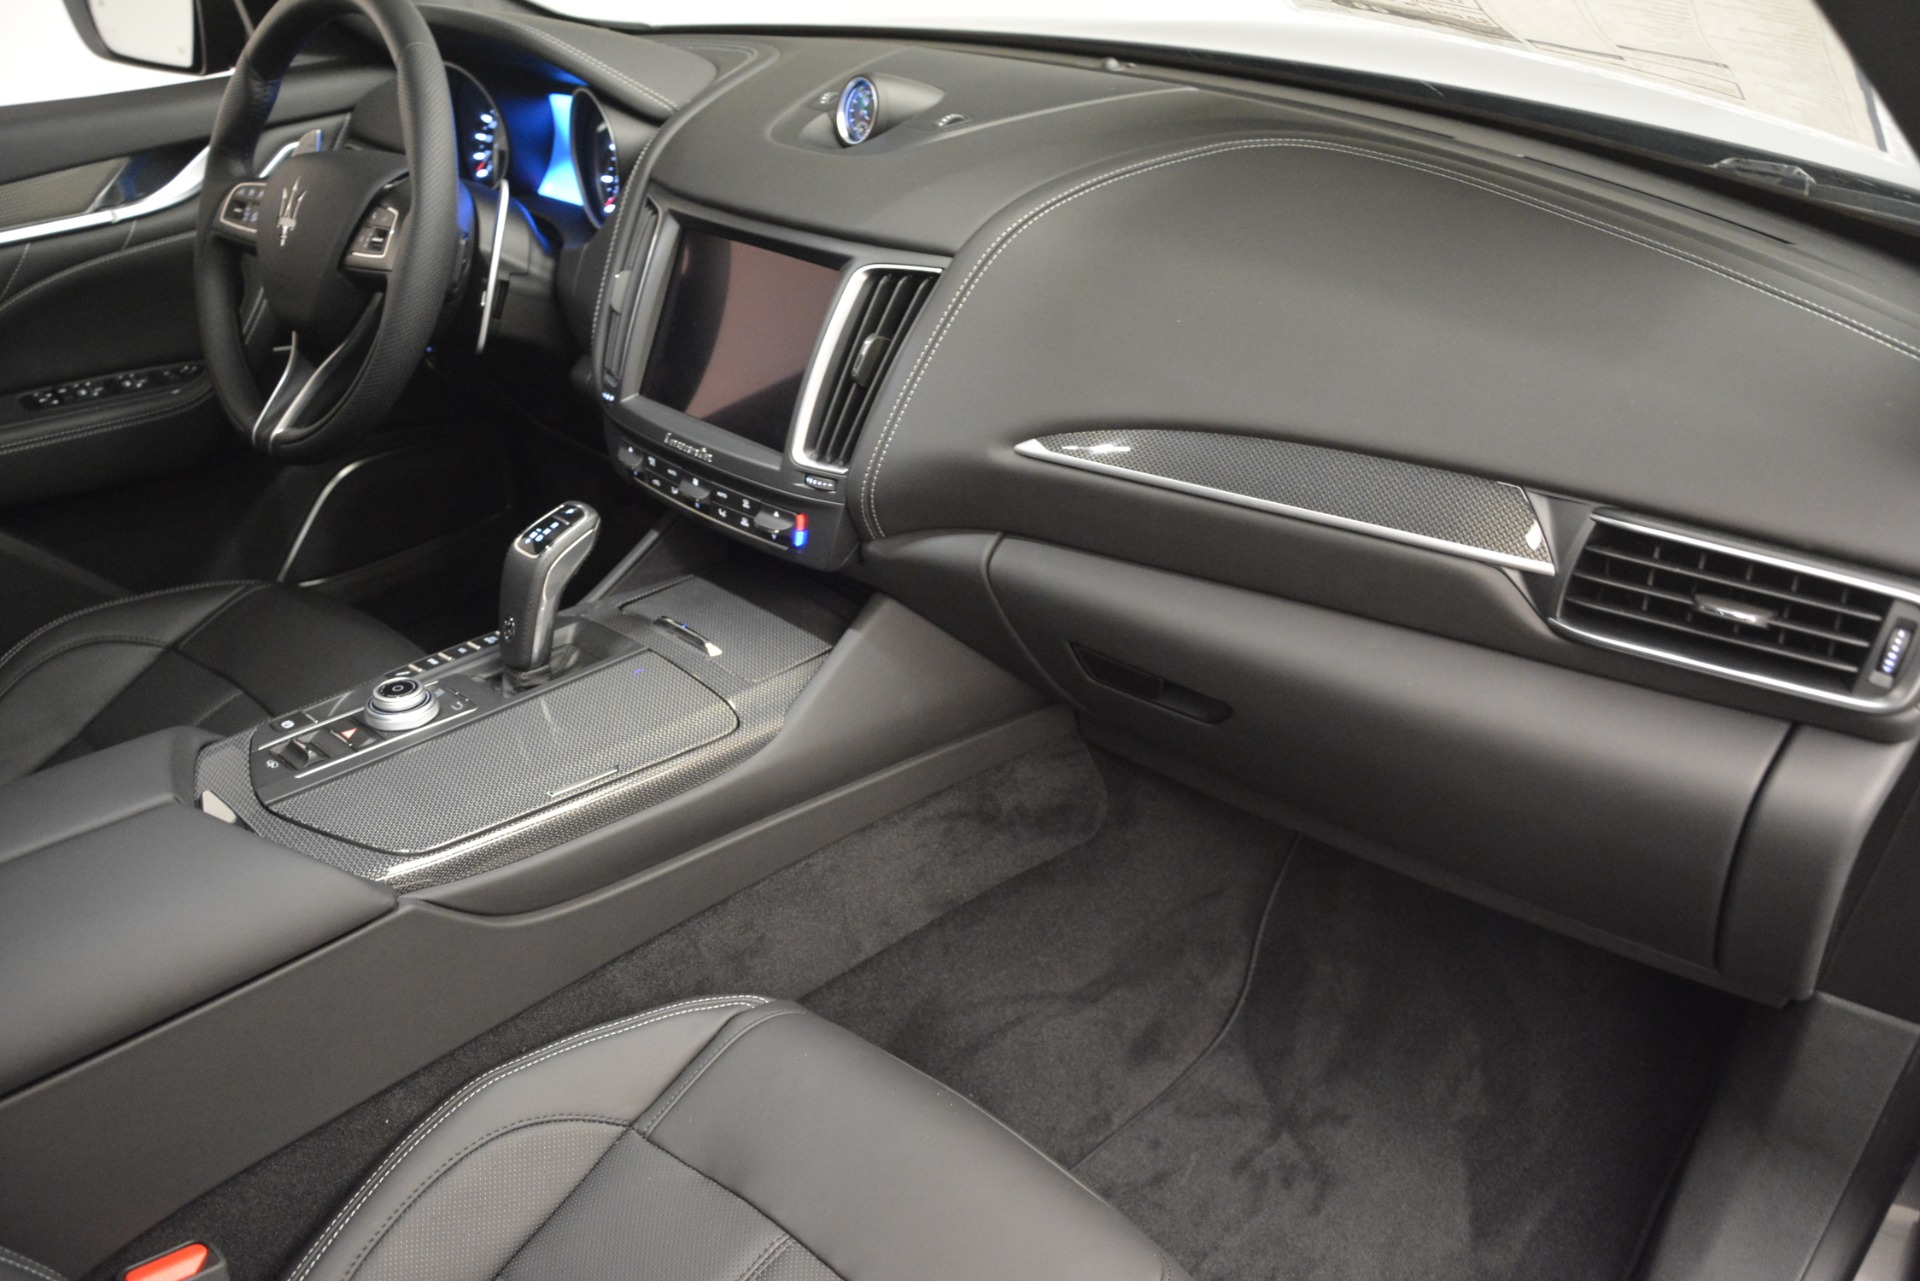 New 2019 Maserati Levante SQ4 GranSport Nerissimo For Sale In Greenwich, CT 3178_p22